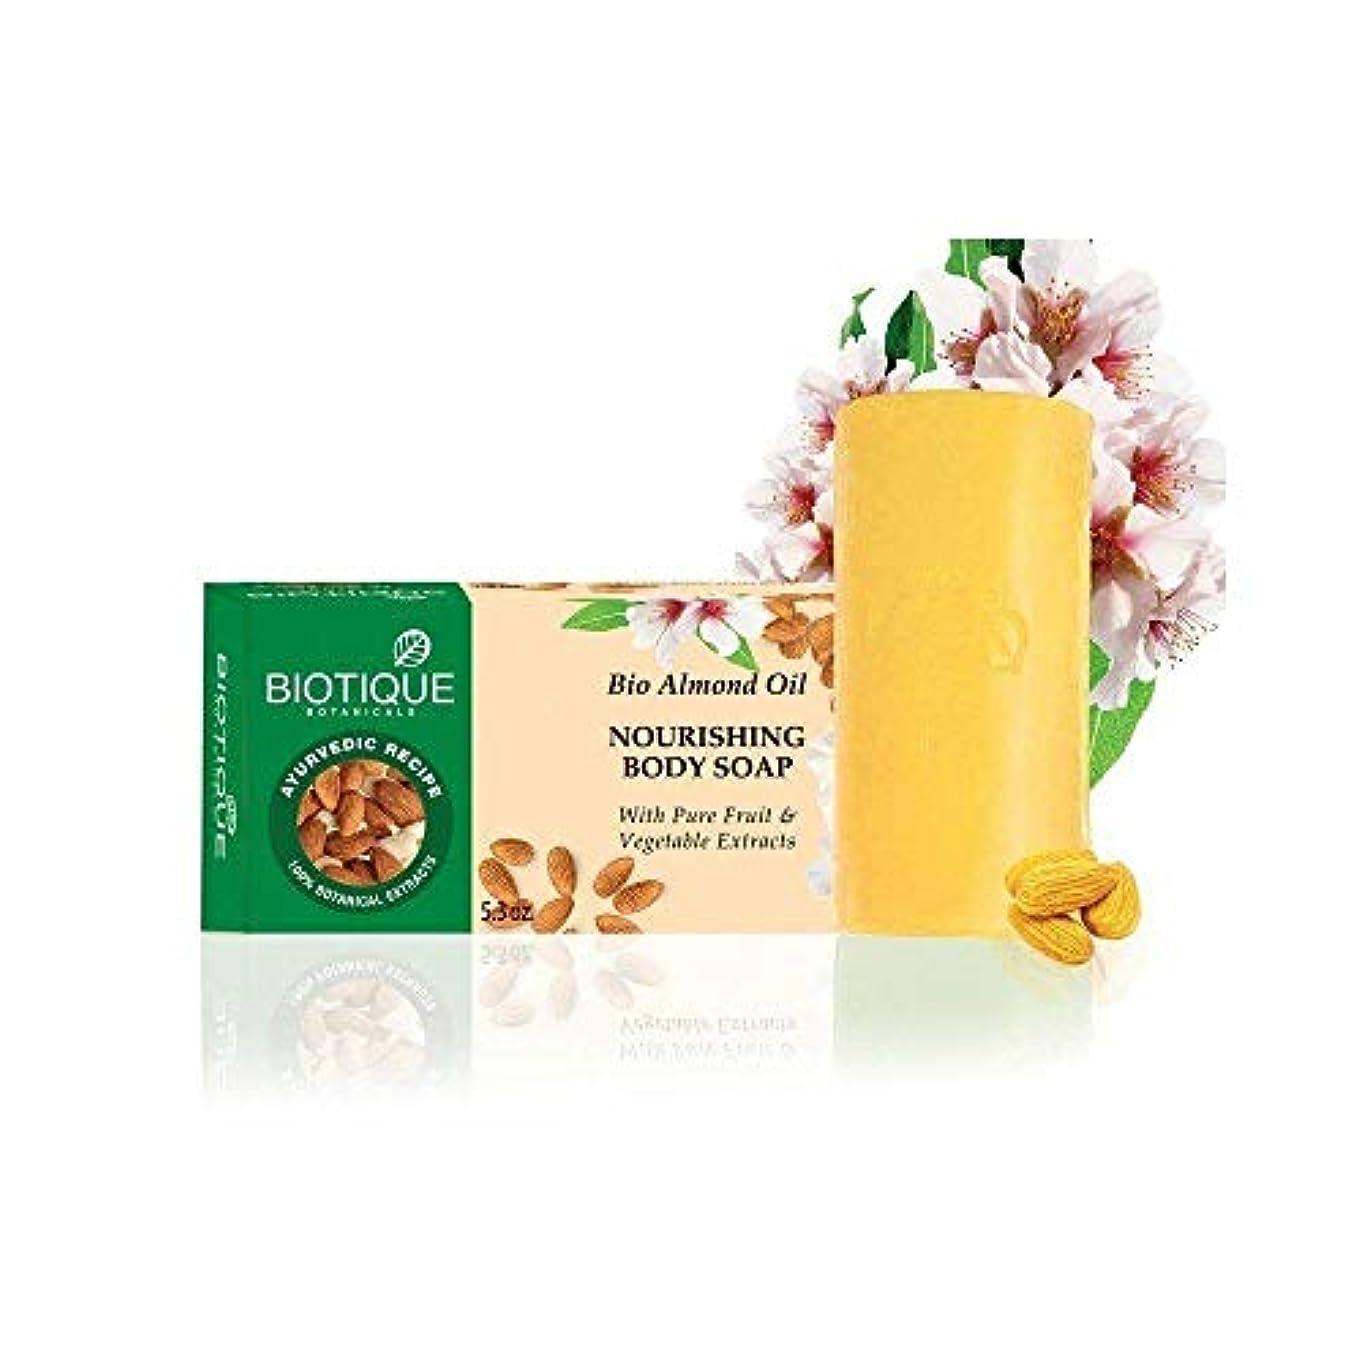 申請中ベーコン筋Biotique Bio Almond Oil Nourishing Body Soap - 150g (Pack of 2) wash Impurities Biotique Bio Almond Oilナリッシングボディソープ...